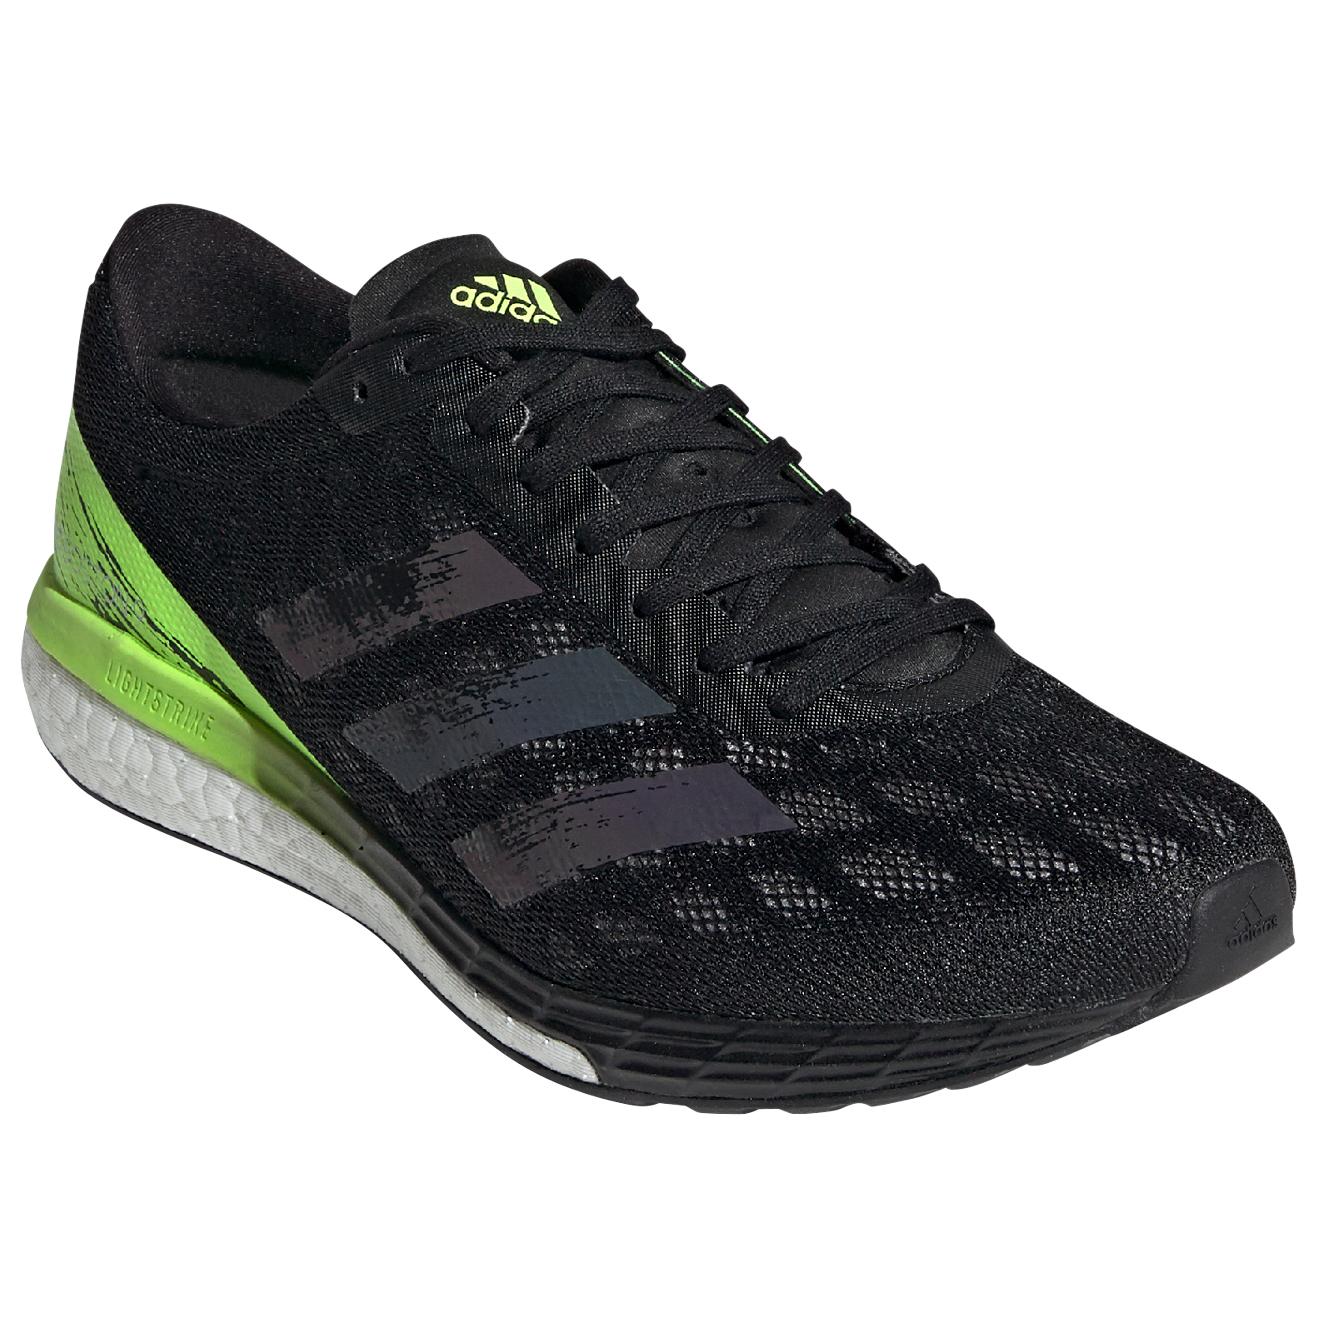 Adidas Adizero Boston 9 - Running shoes